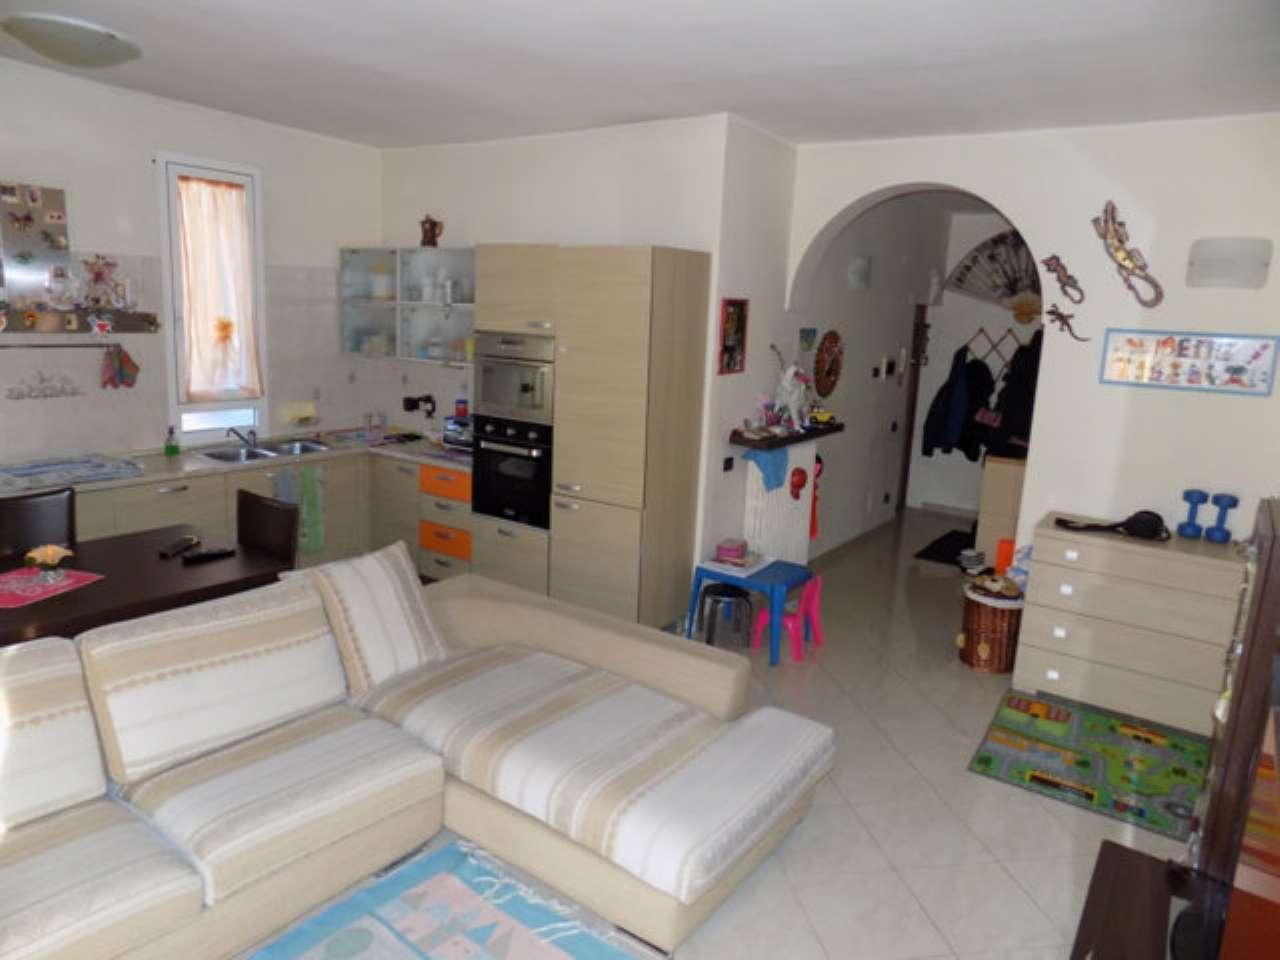 Appartamento in vendita a Senago, 2 locali, prezzo € 78.000 | CambioCasa.it